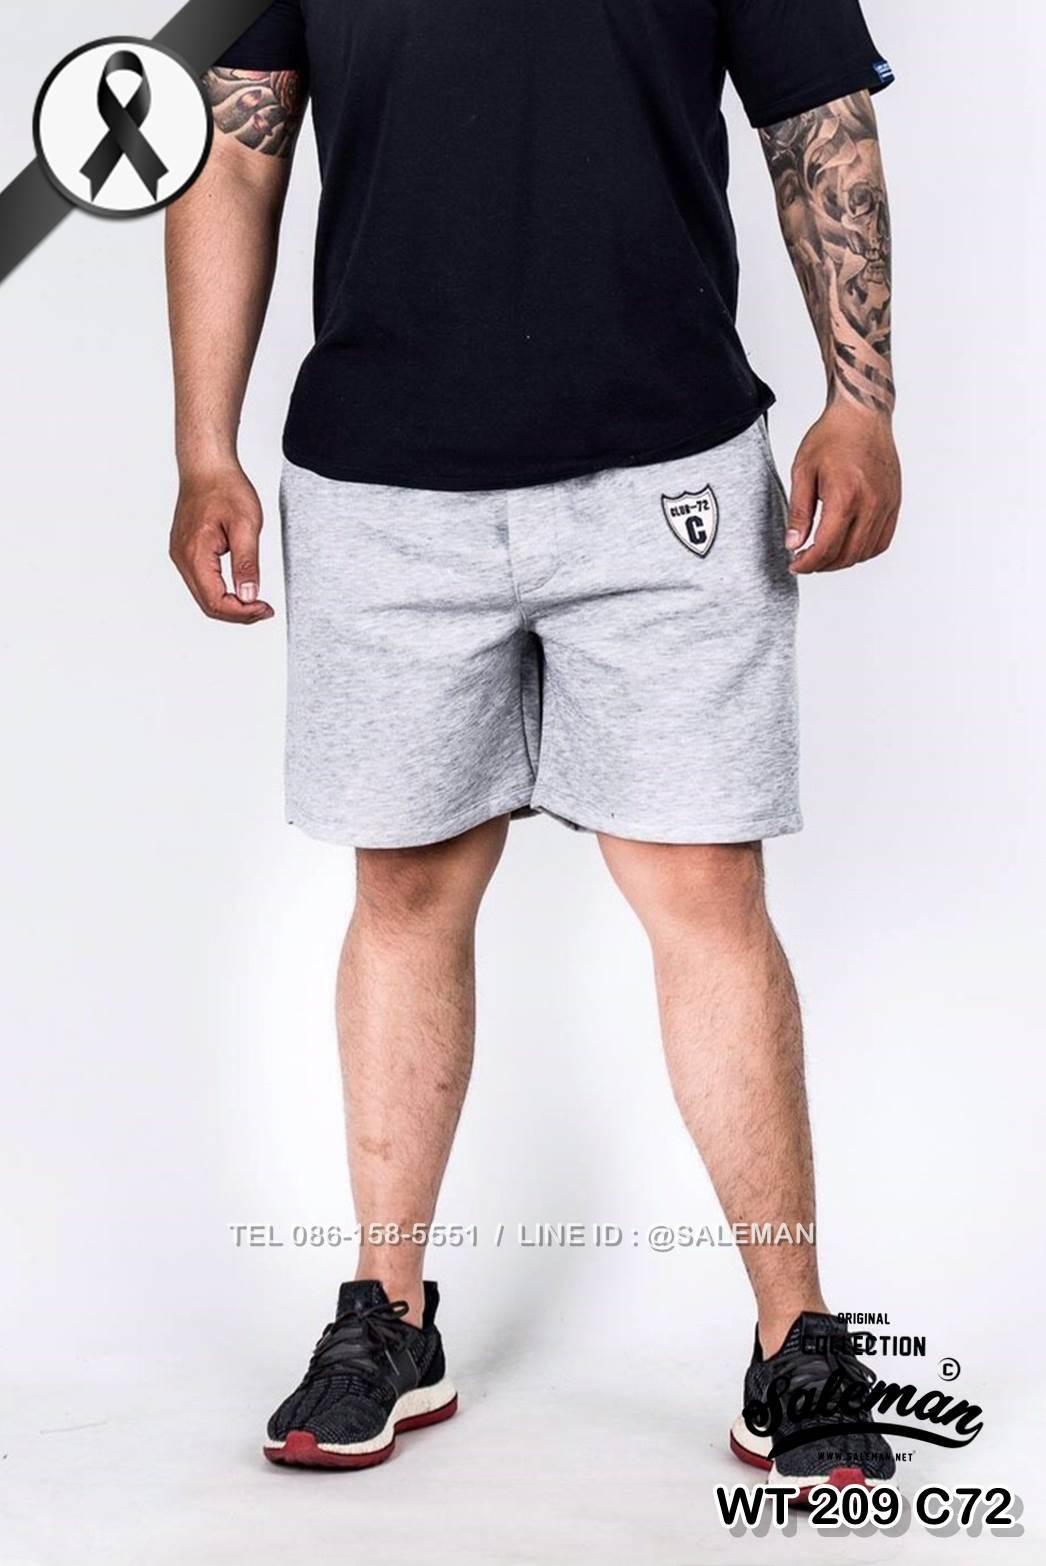 กางเกงขาสั้น พรีเมี่ยม รหัสWT209 C72 สีเทาอ่อน